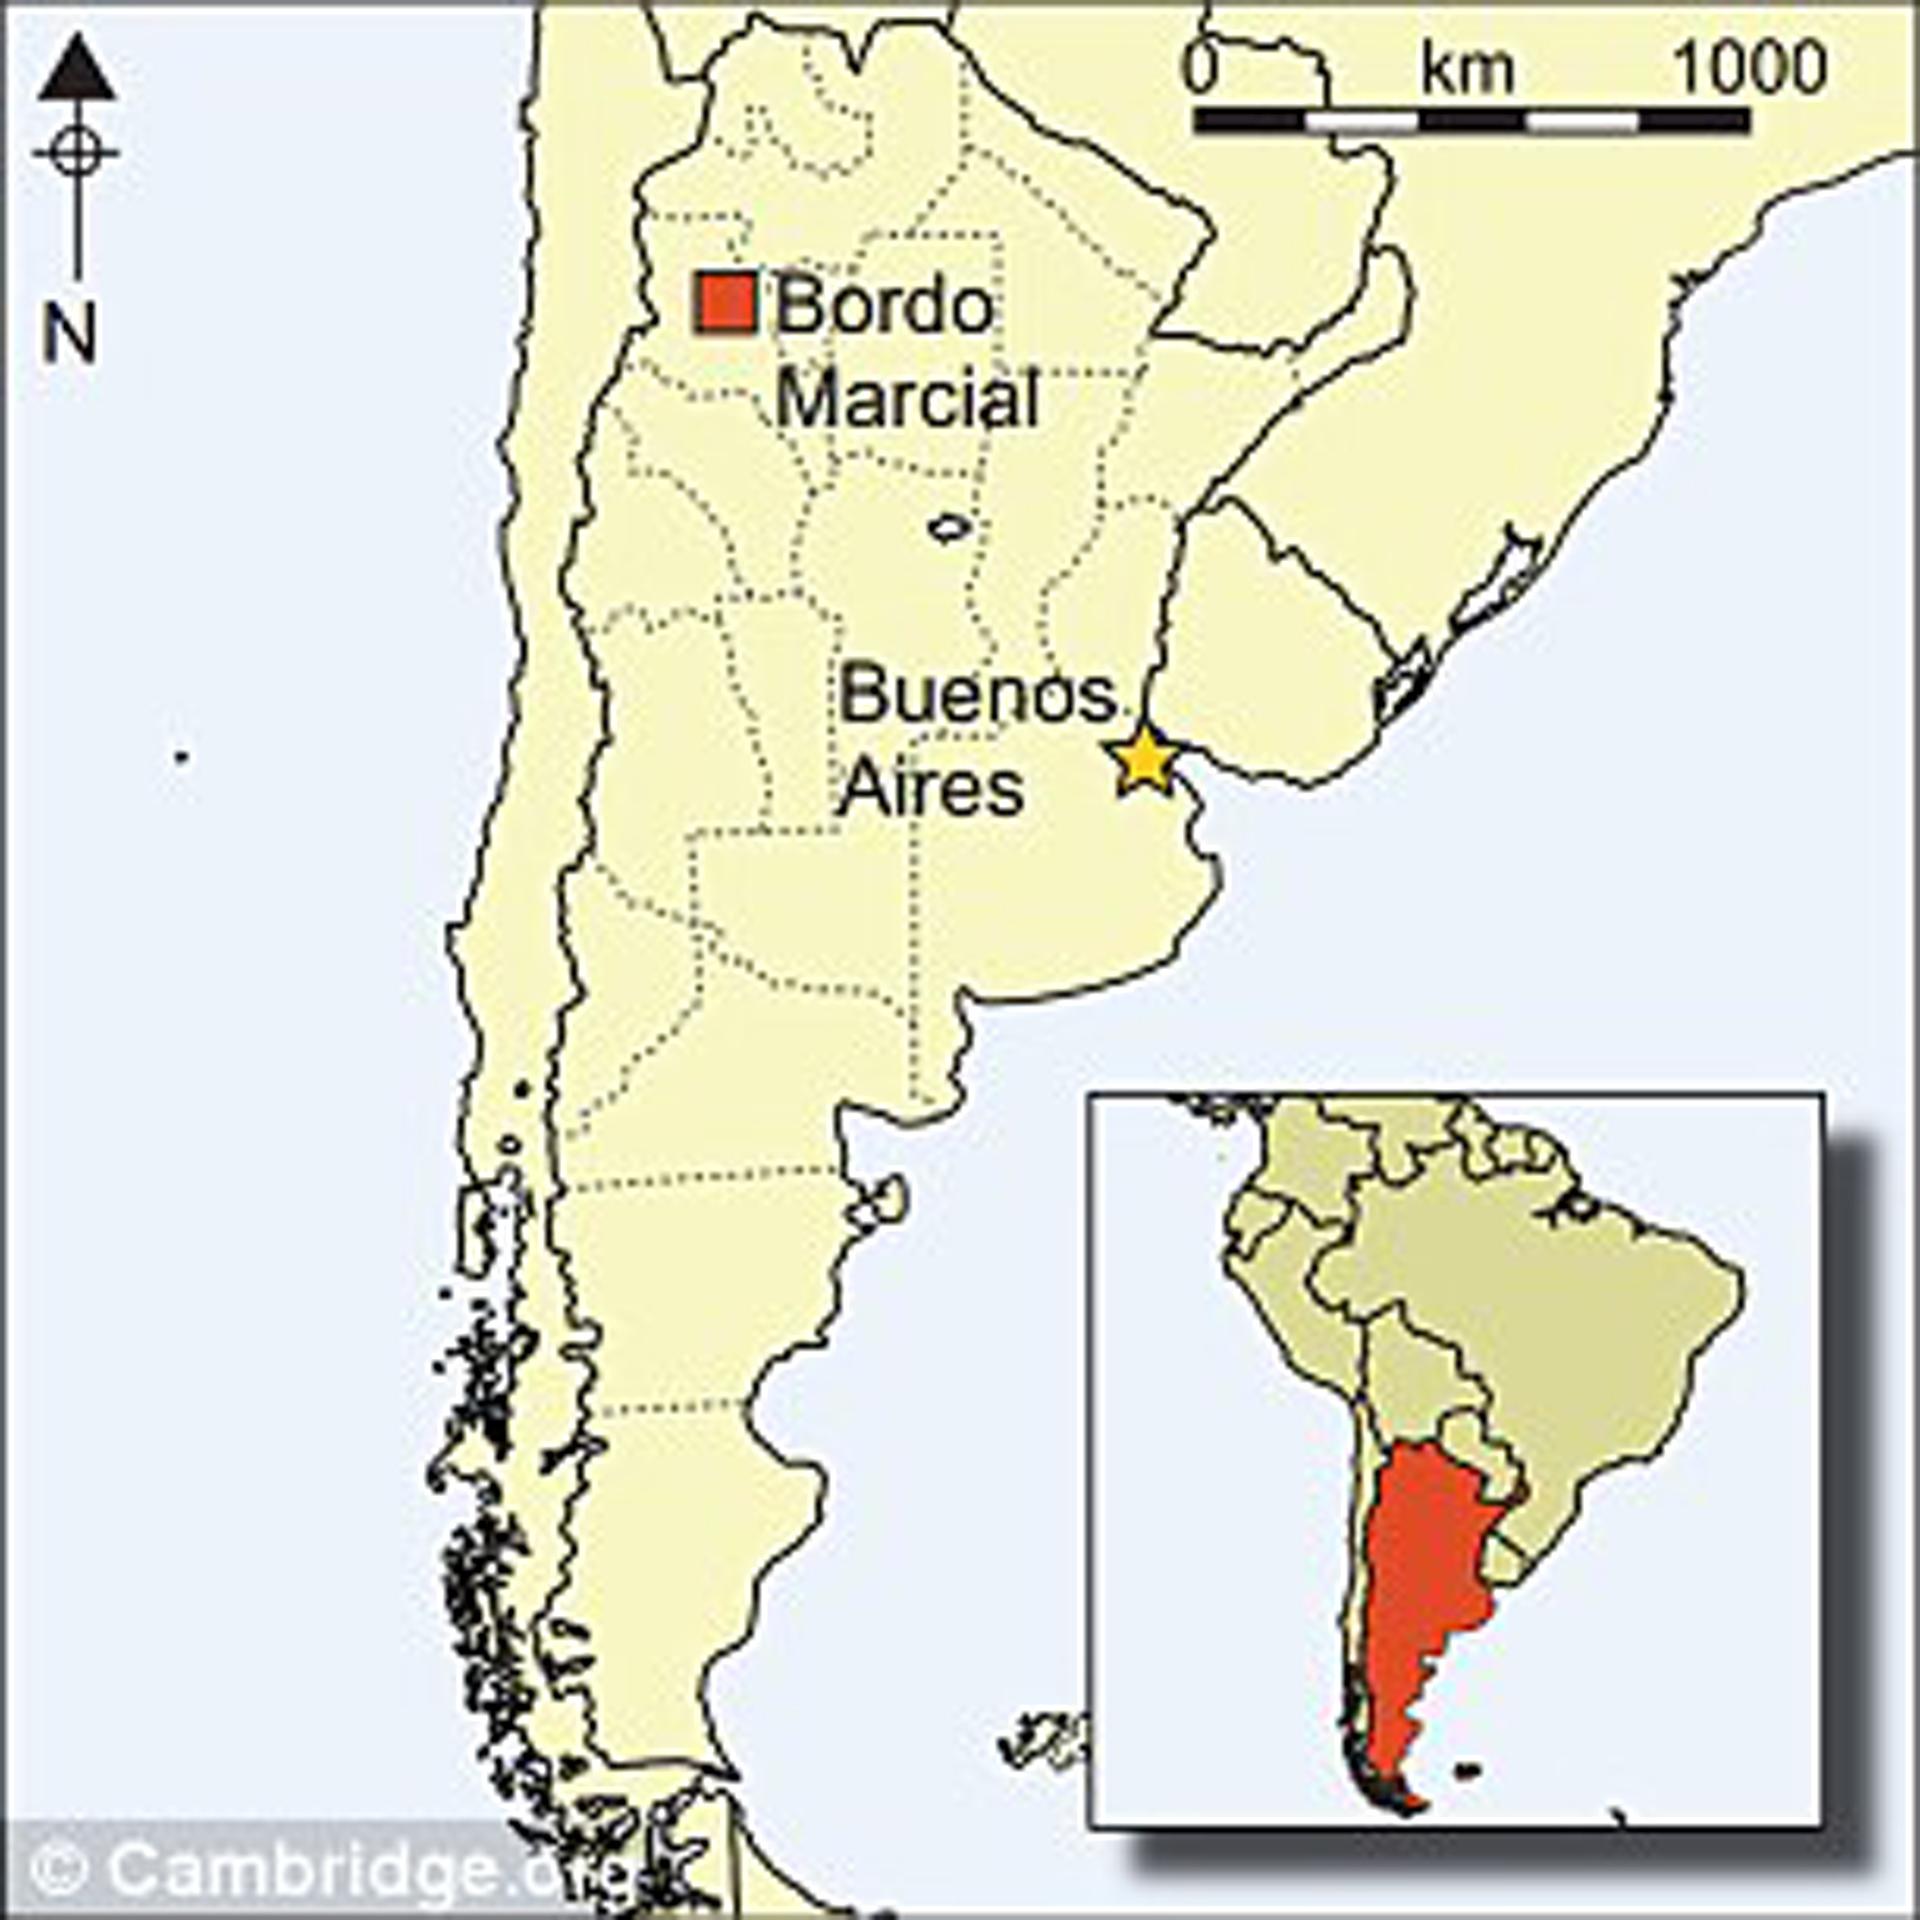 Bordo Marcial, en Andalgalá, Catamarca, donde se realizaron los descubrimientos